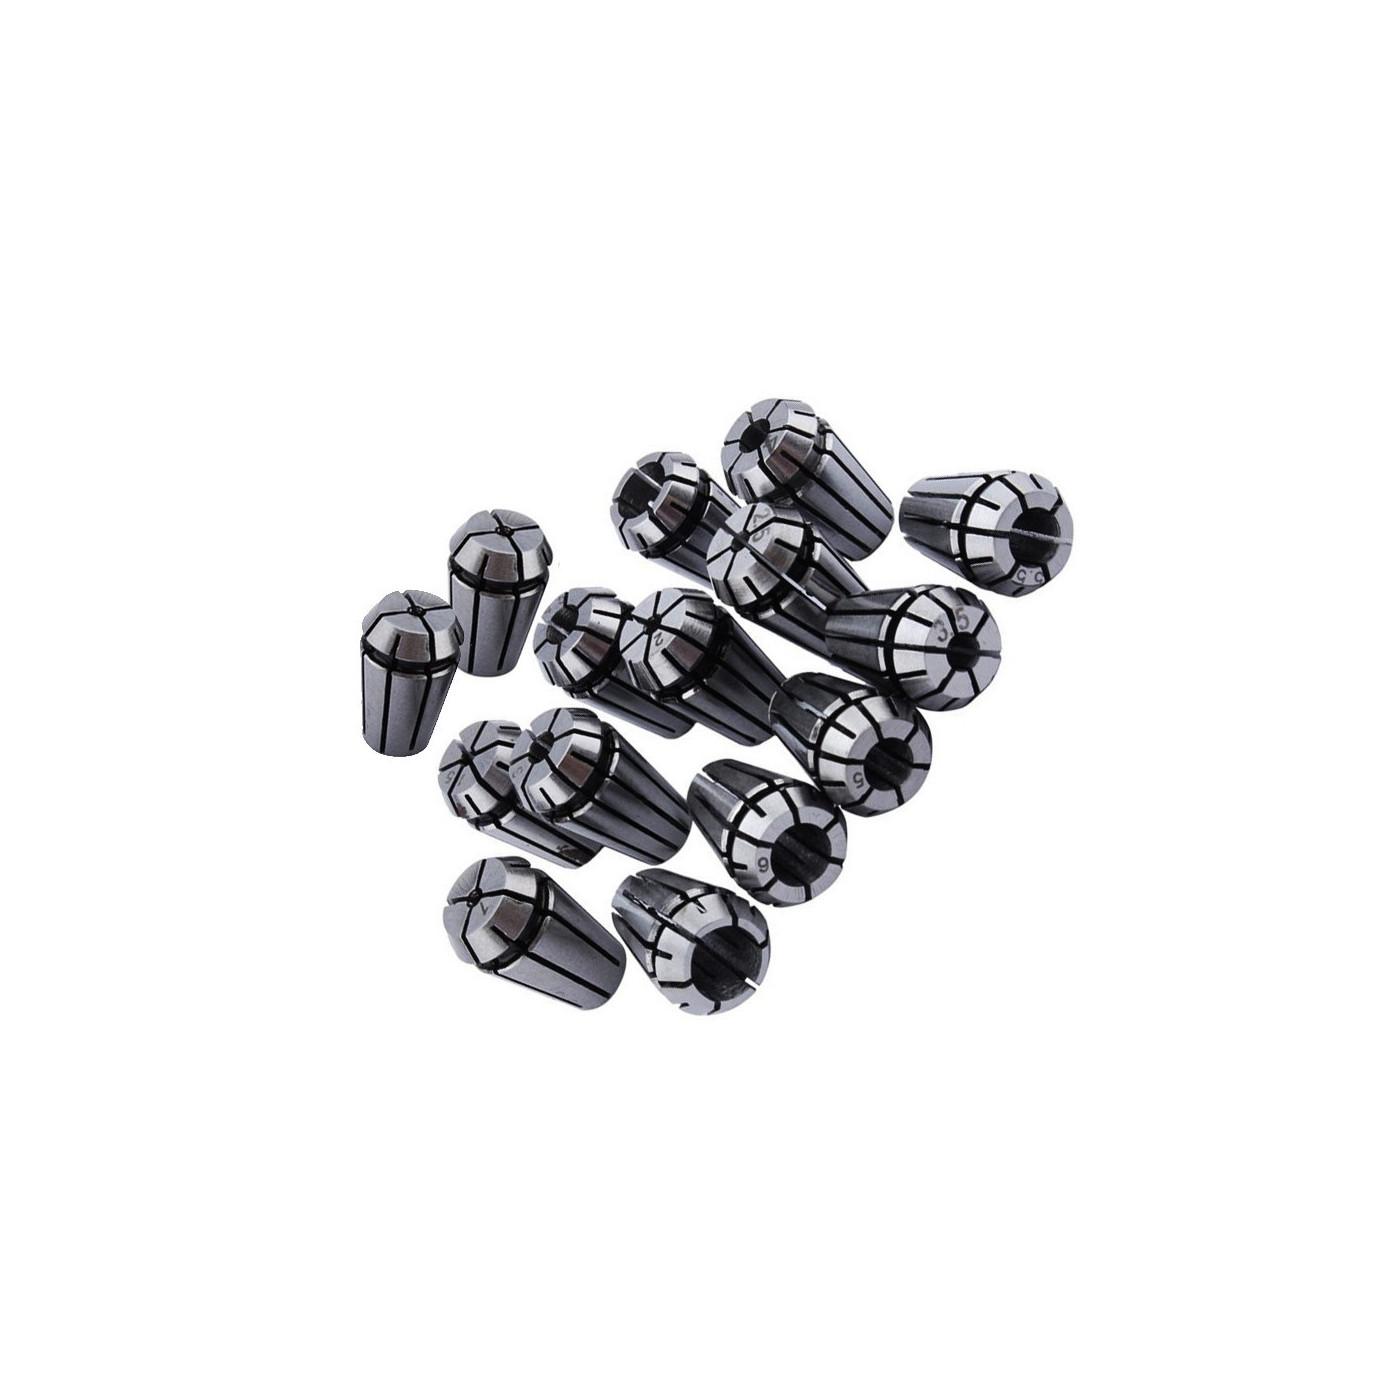 Set ER11 spantangen (15 stuks, 1-7 mm, inclusief 1/8 inch en